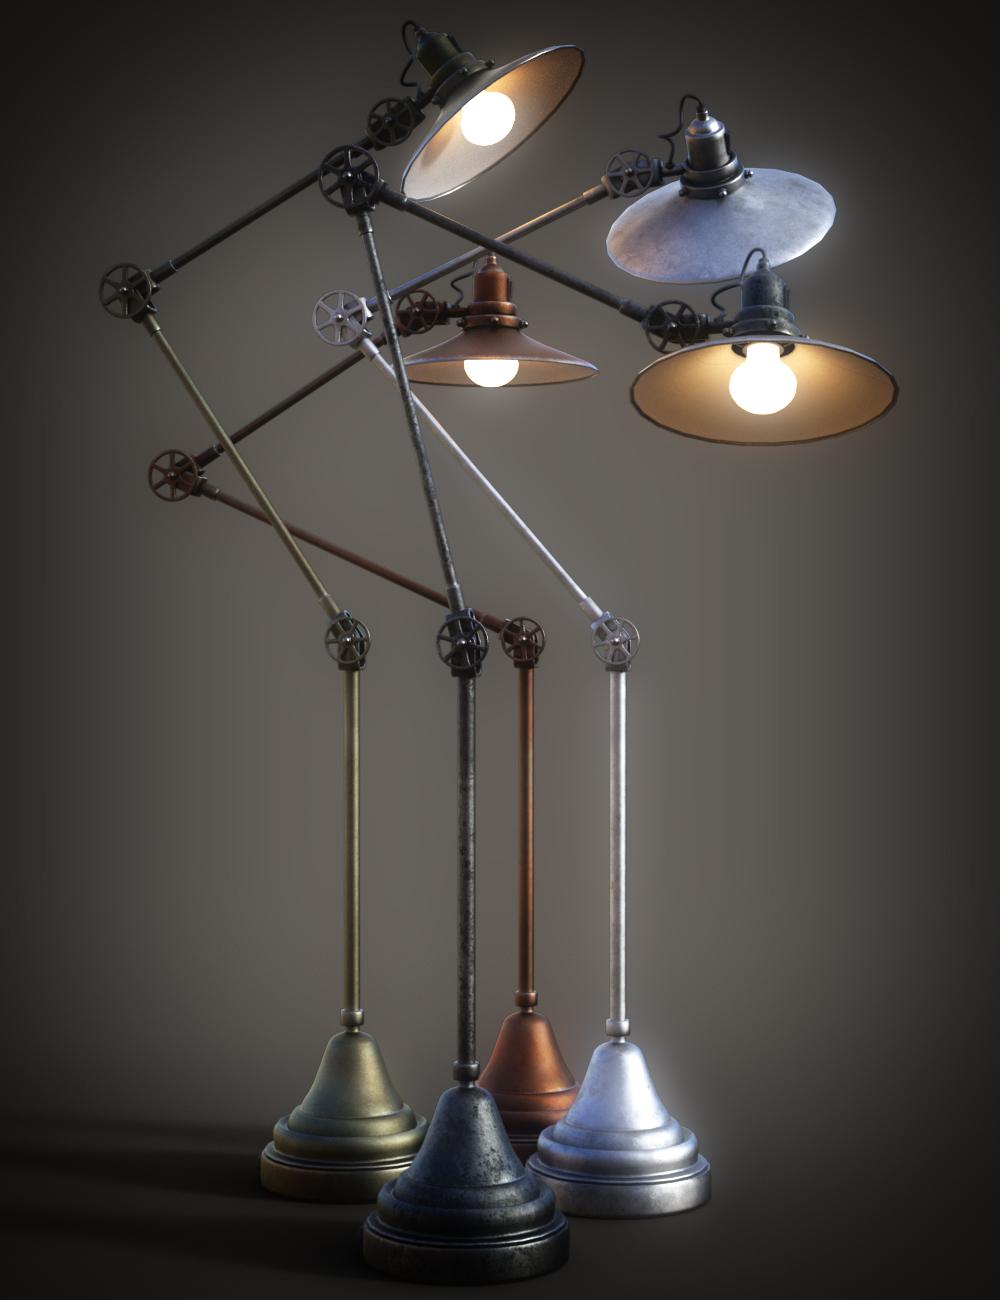 B.E.T.T.Y. Adjustable Floor Lamps by: B.E.T.T.Y, 3D Models by Daz 3D